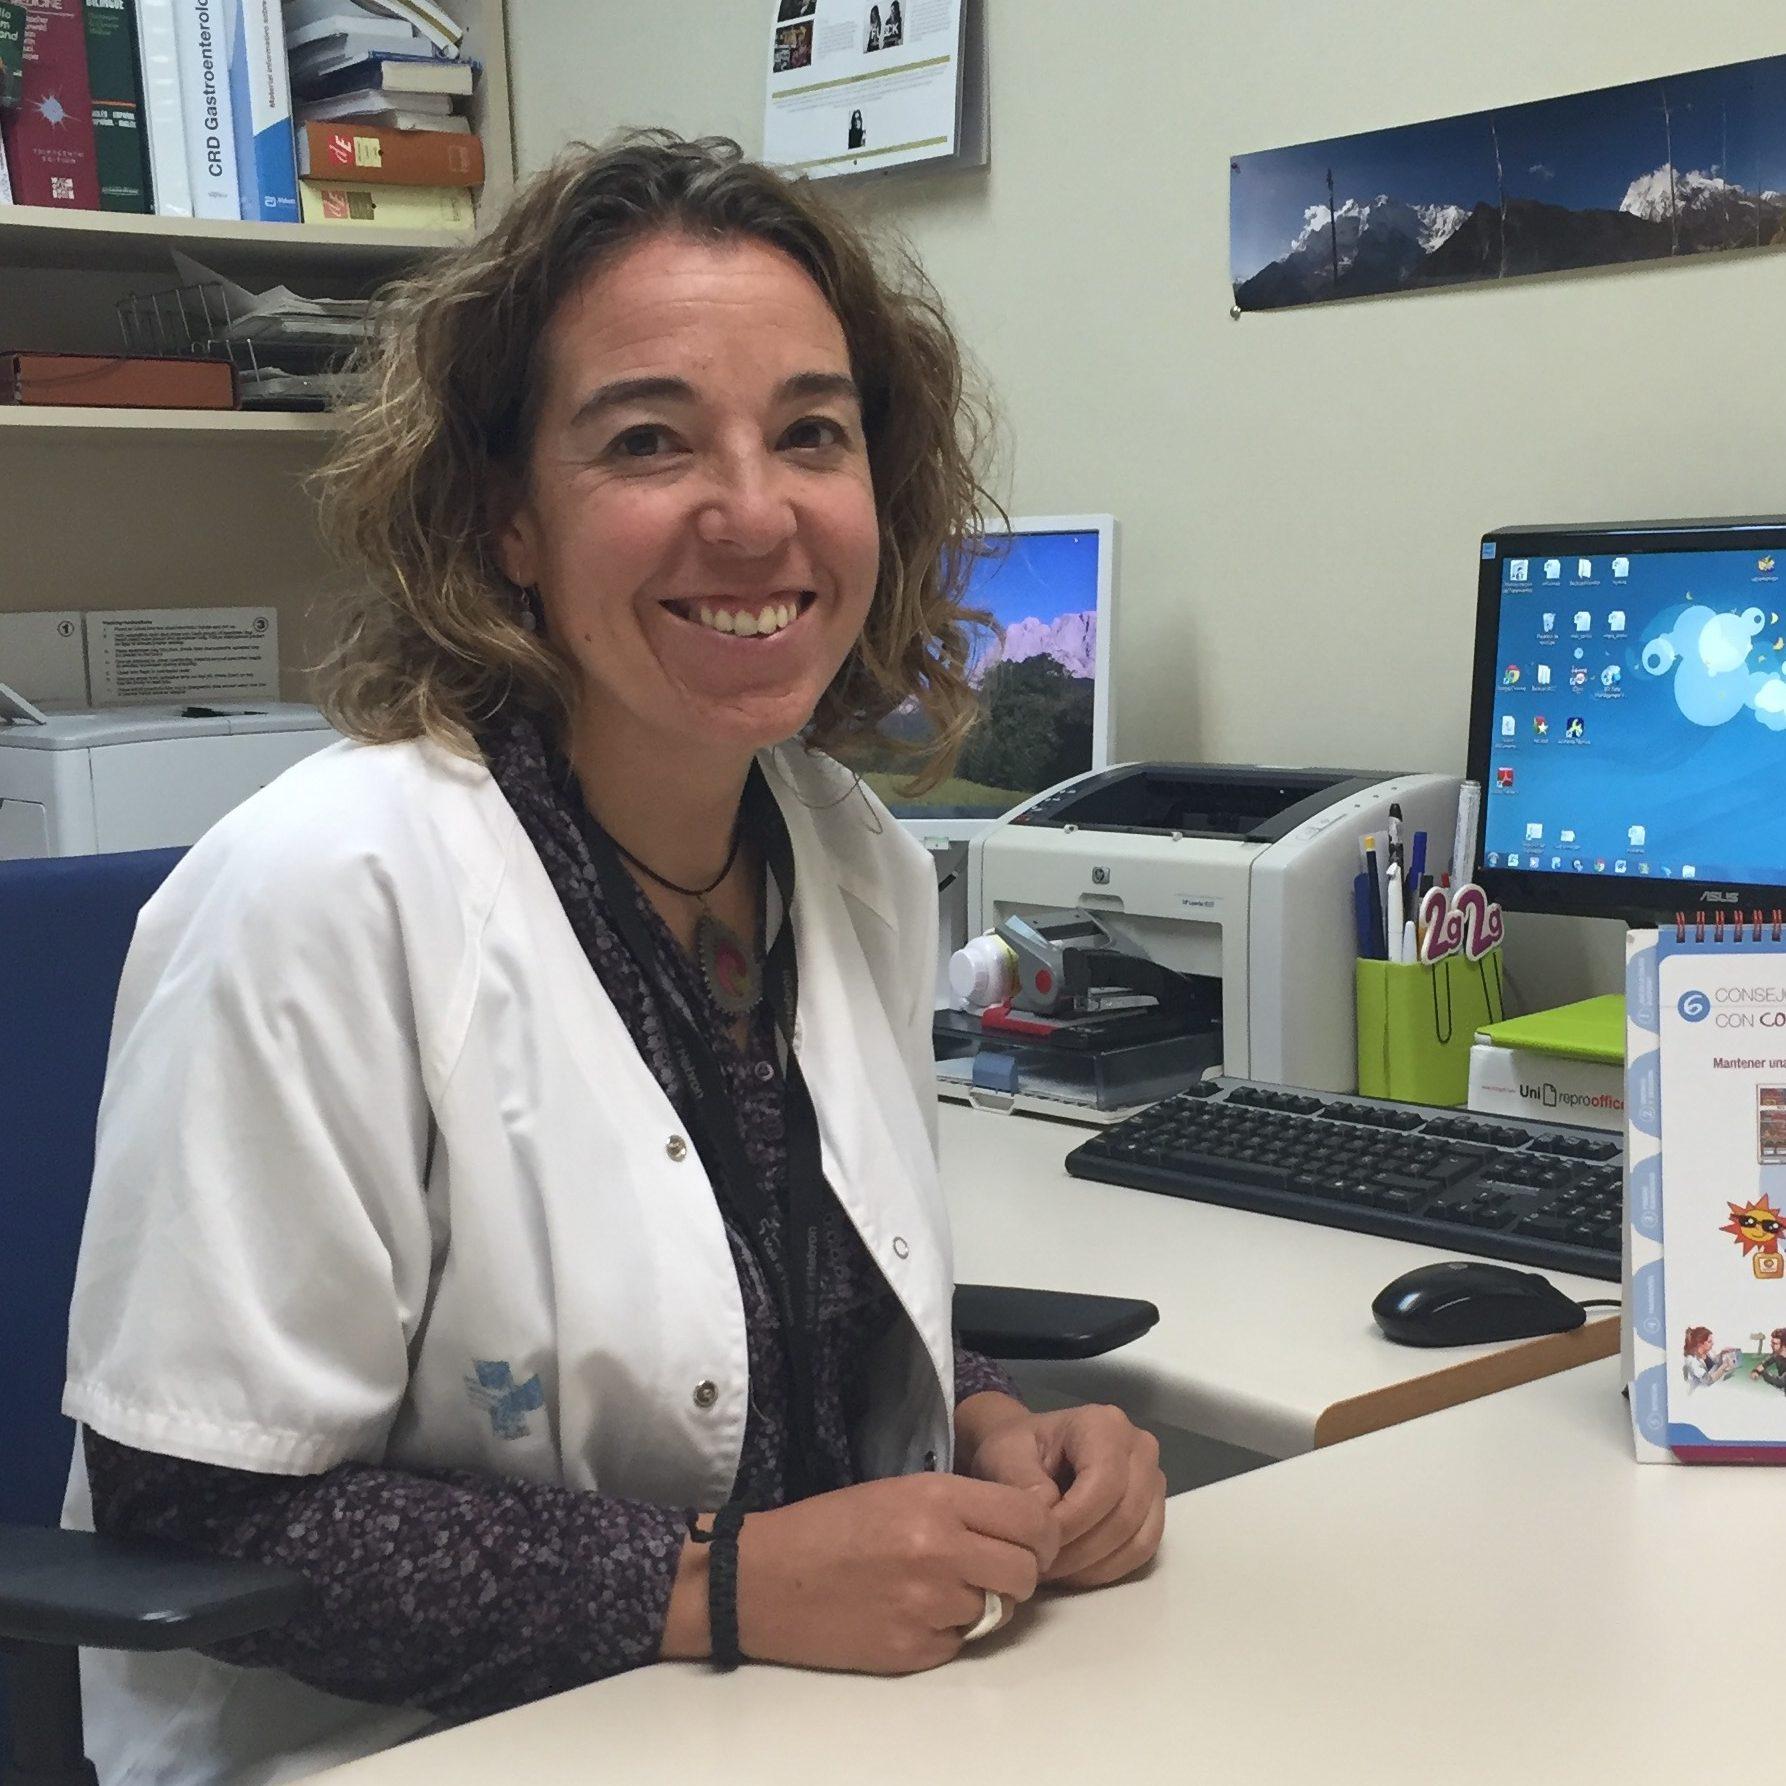 Ester Navarro Correal